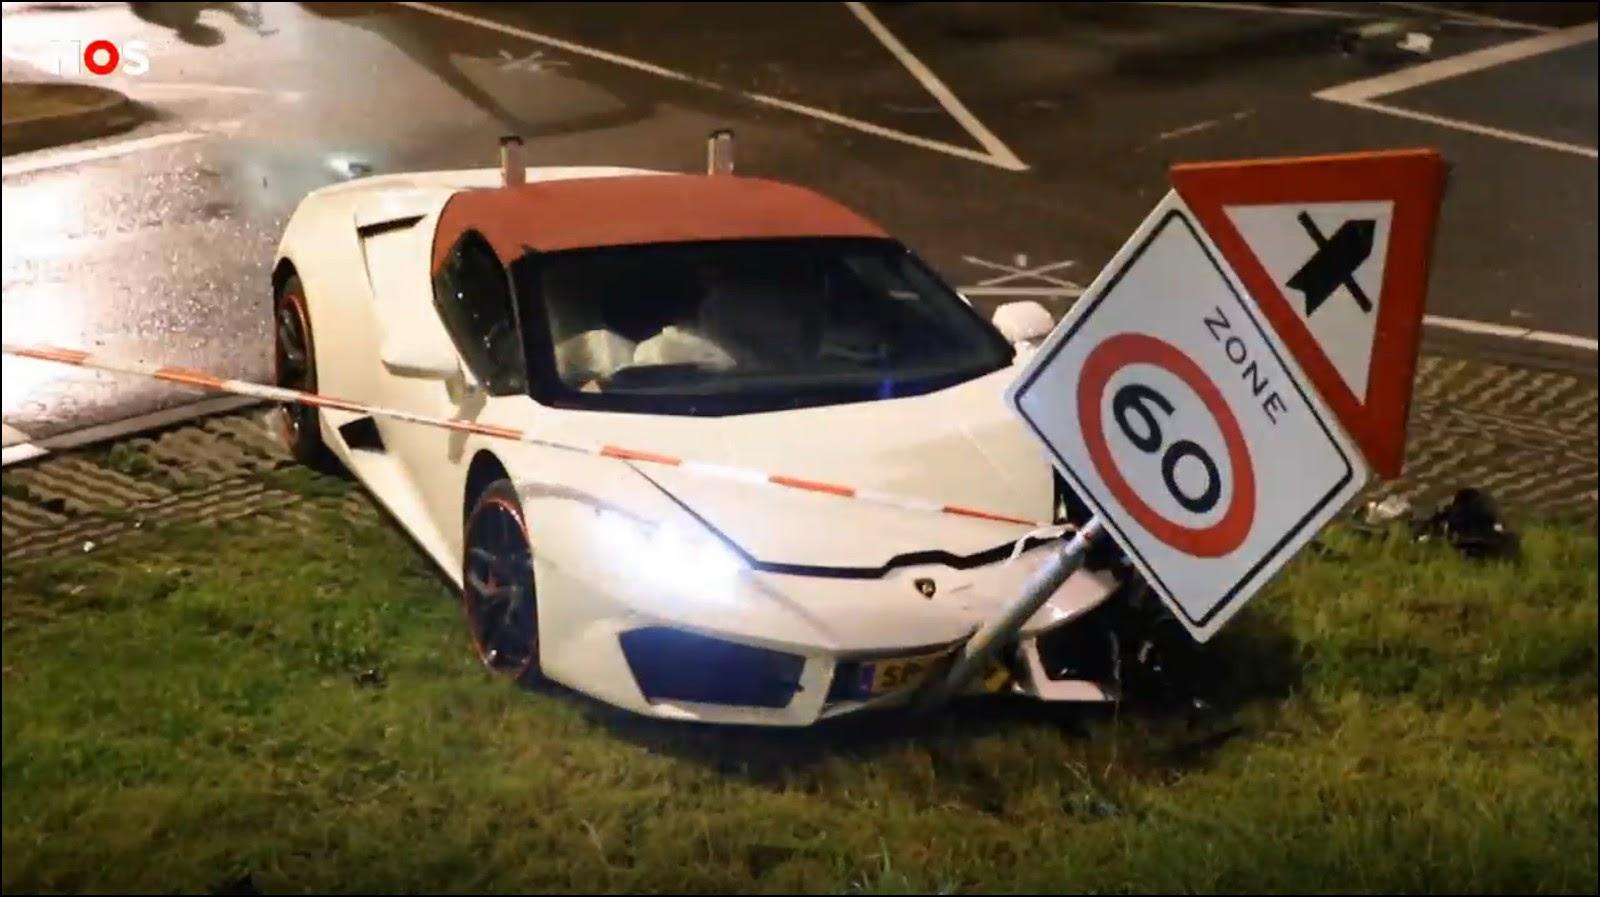 Lamborghini Huracán Spyder въехала в дорожный знак. Кадр из видео NOS.